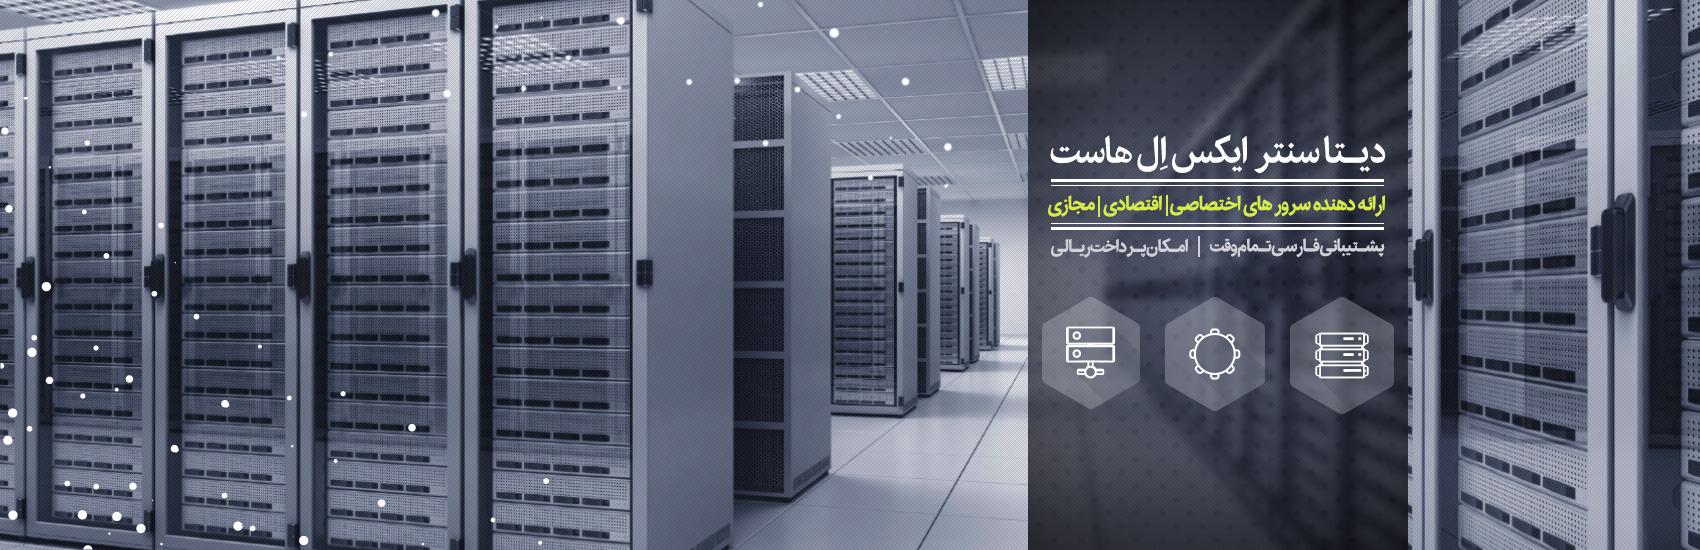 سرور اختصاصی ، سرور مجازی ، ایکس ال هاست